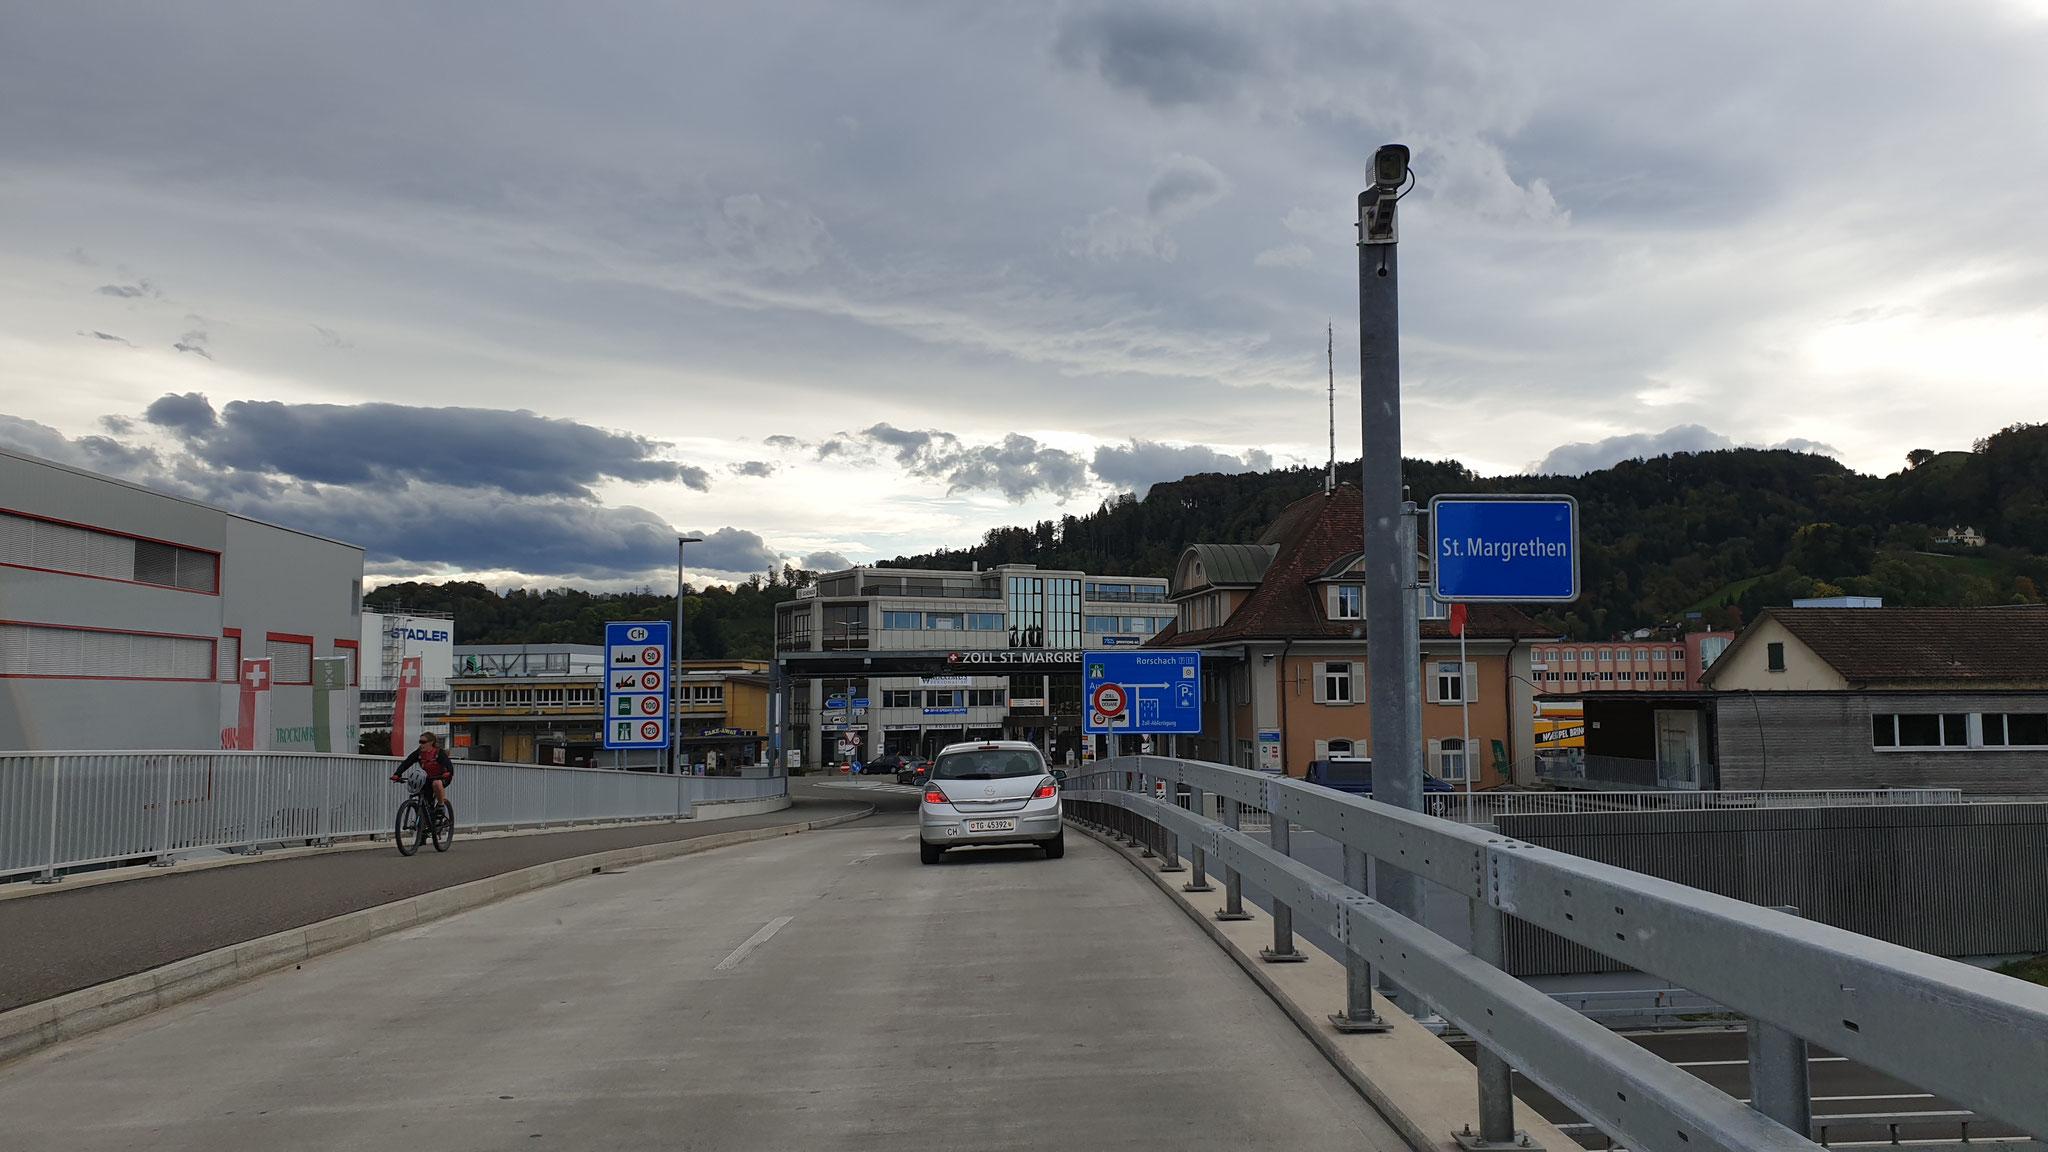 Zurück in die Schweiz